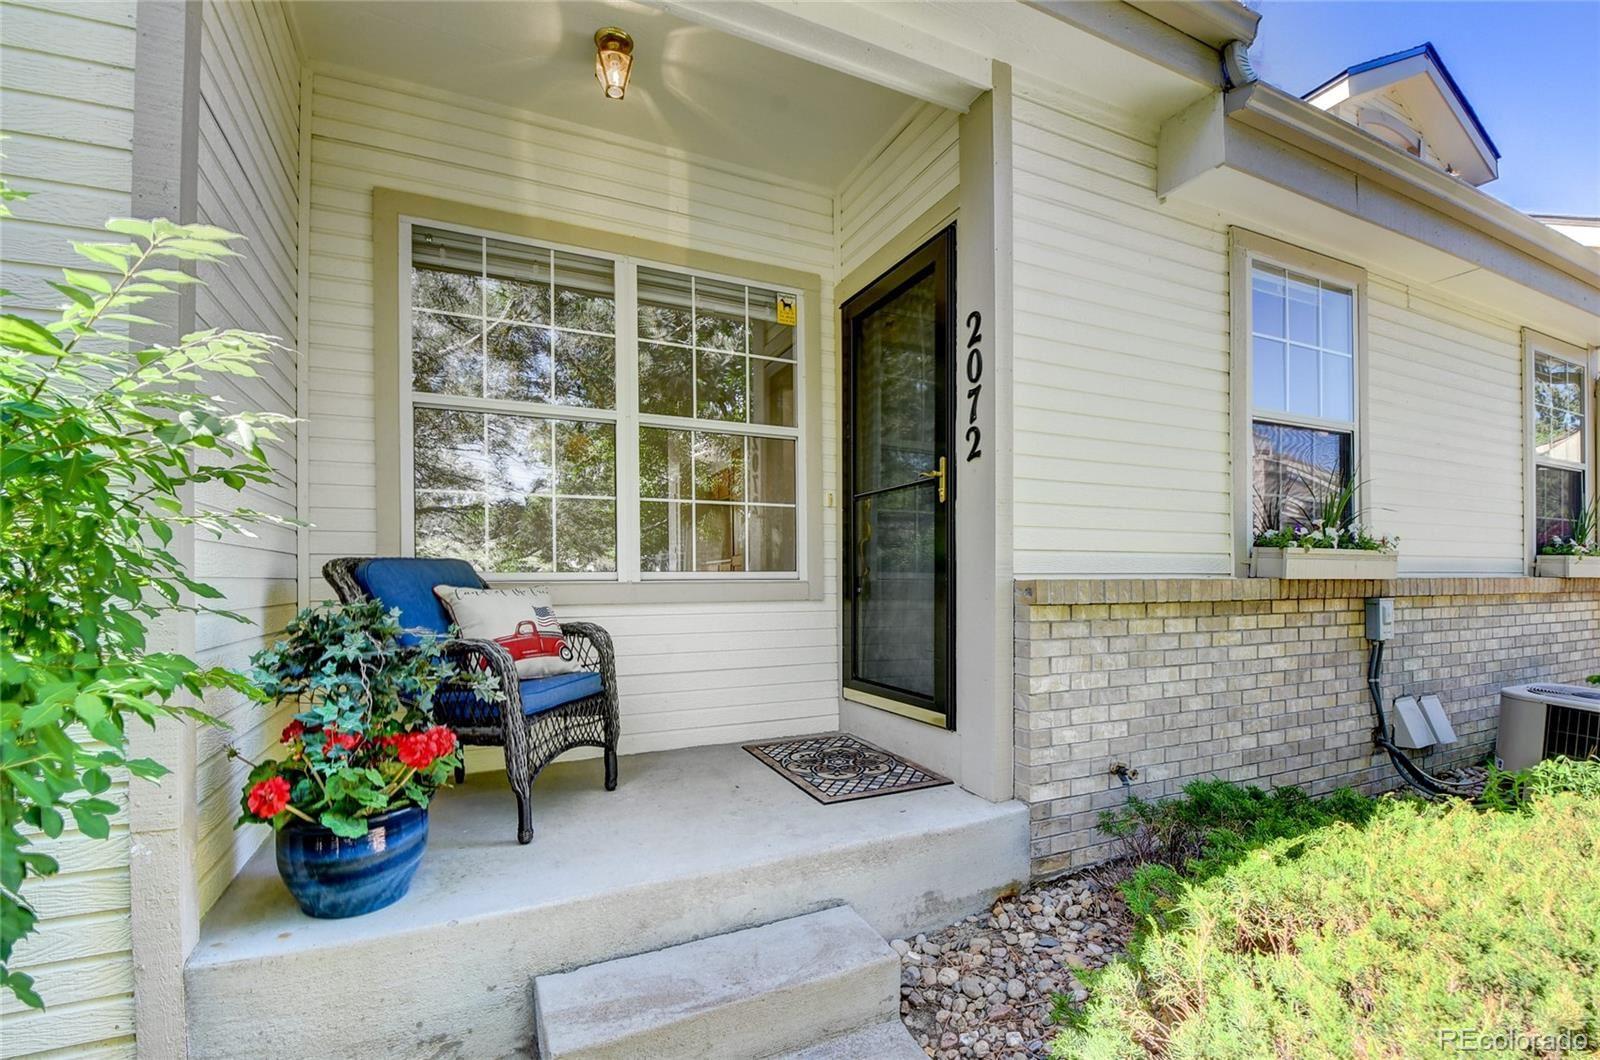 2072 S Xenia Way, Denver, CO 80231 - #: 9198316